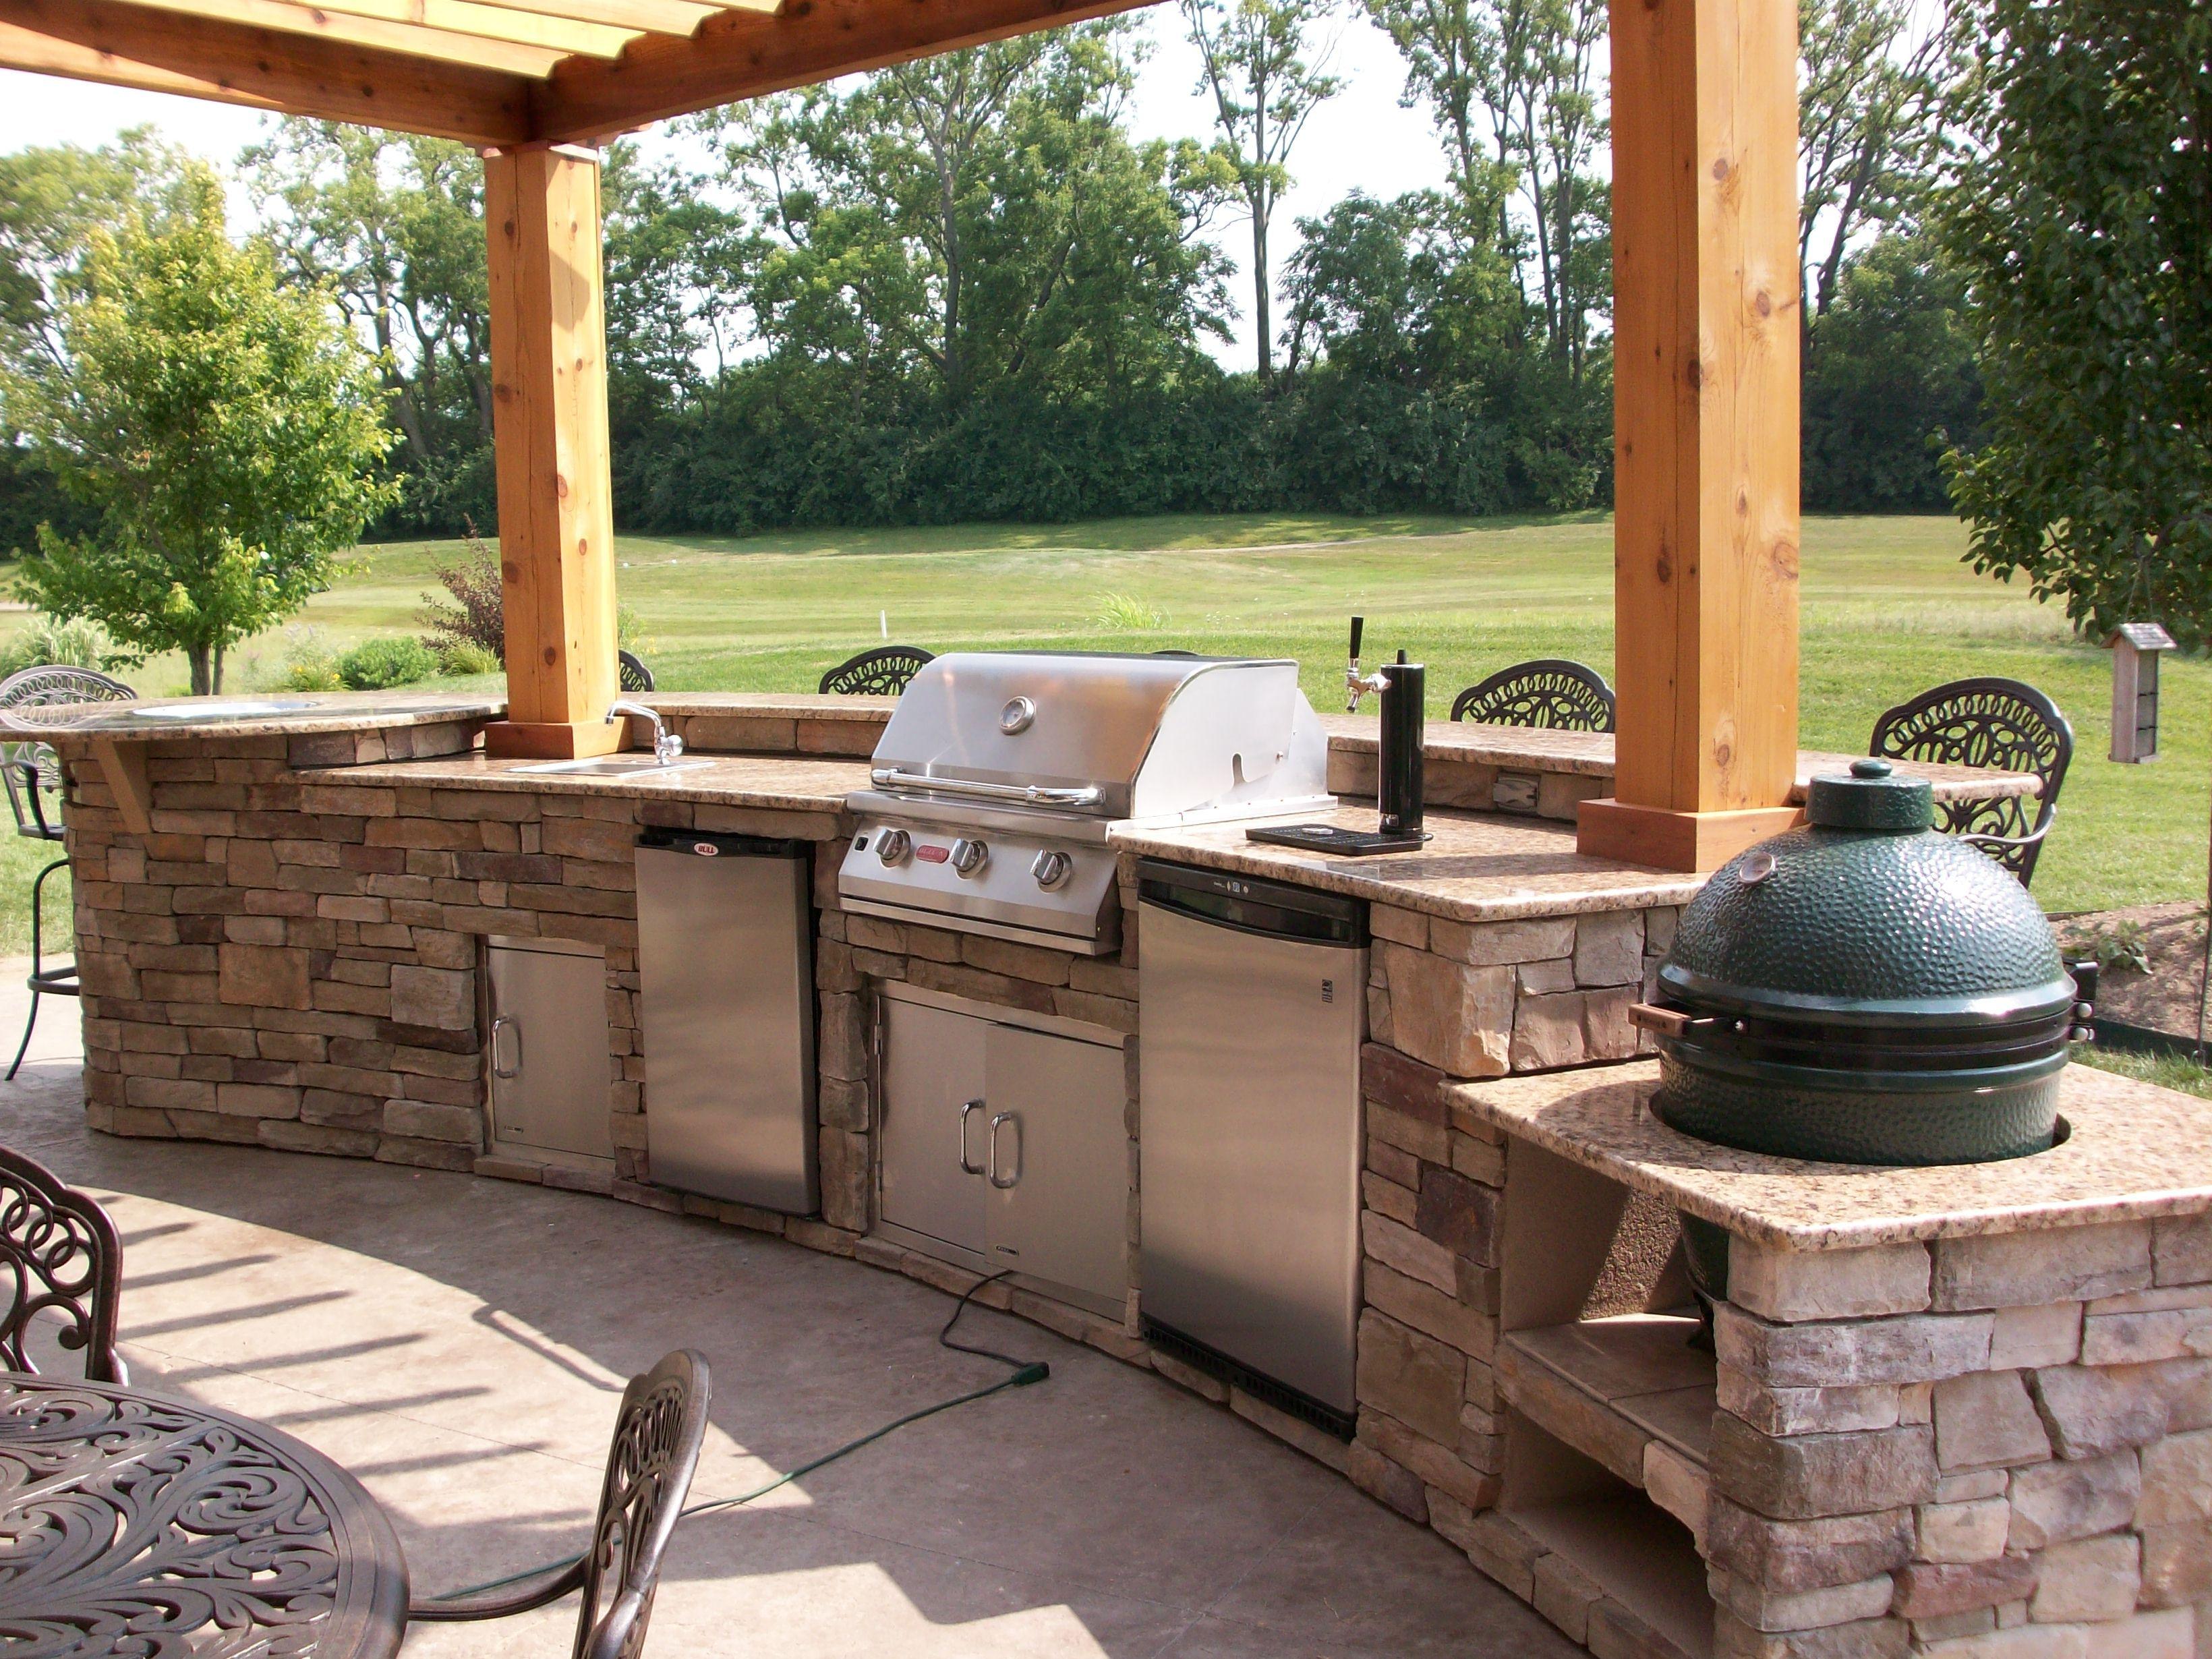 Outdoor kitchen need at pavilion